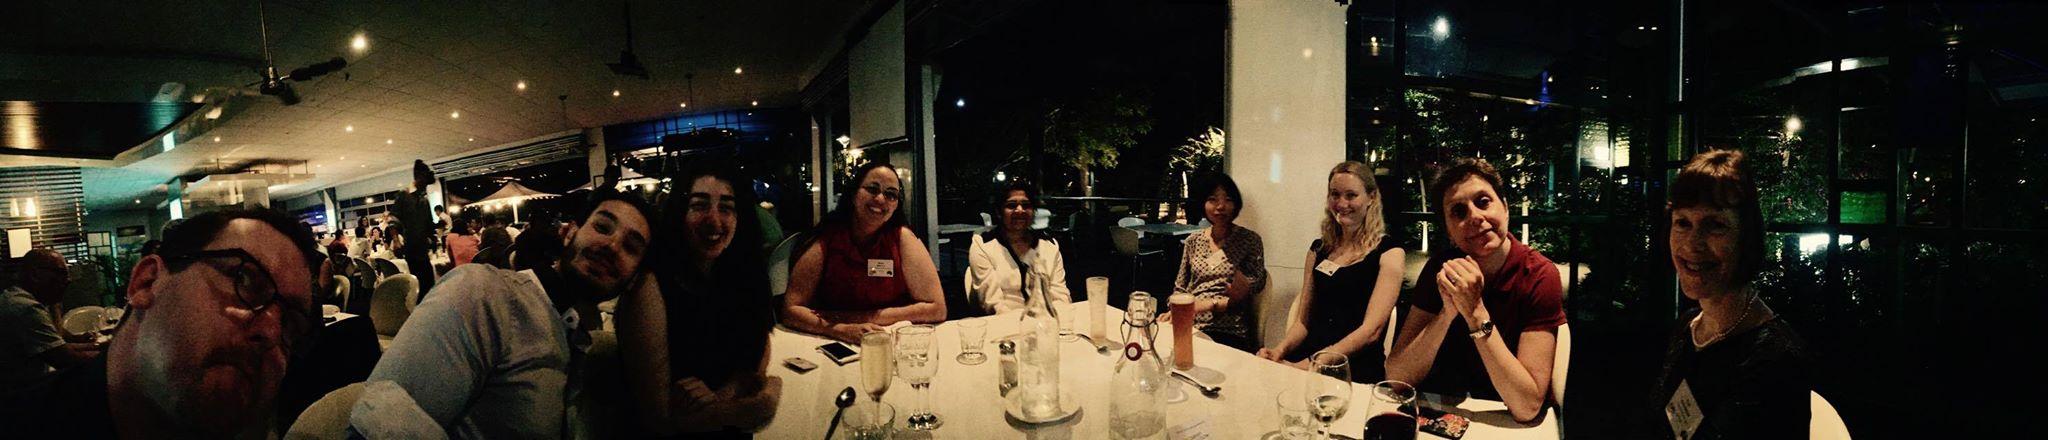 DDA Dinner Pano.jpg